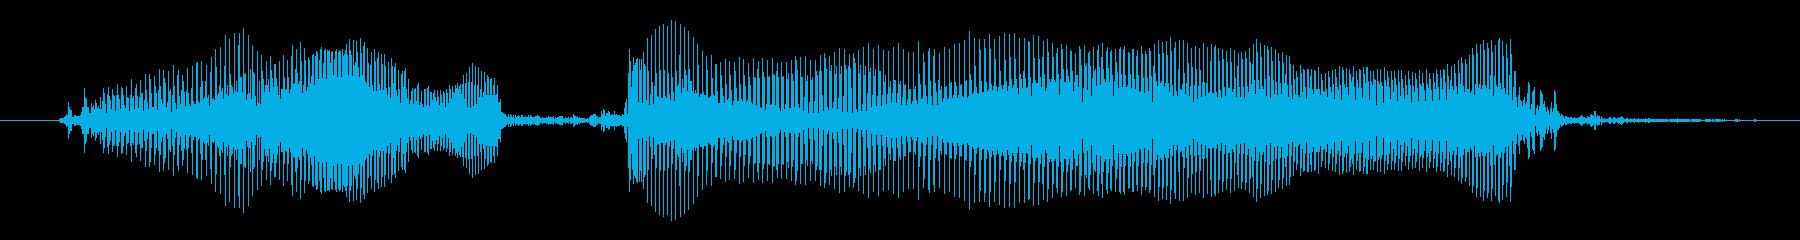 やだぁ~(困って)の再生済みの波形